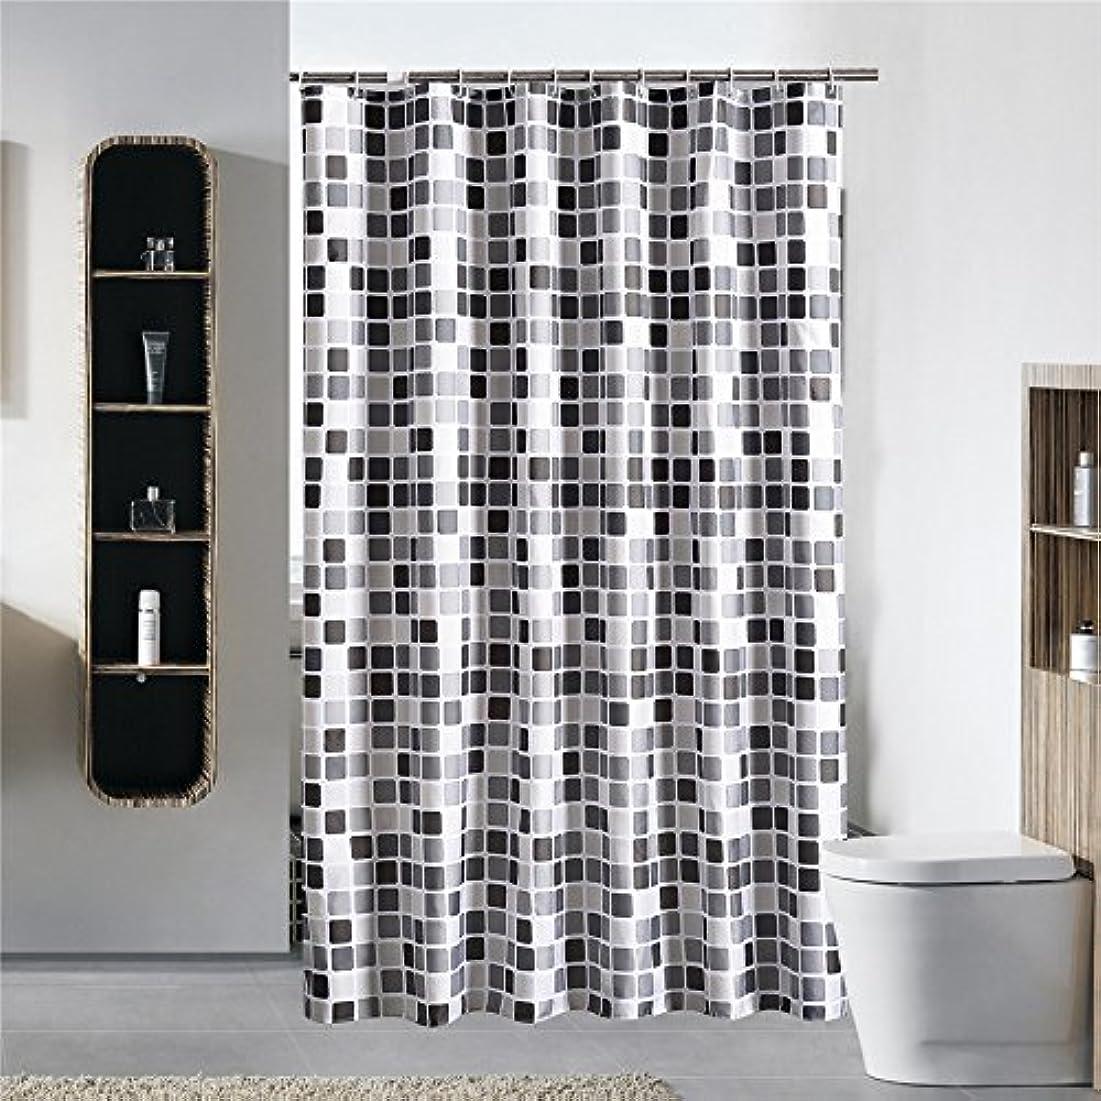 認証統計うるさいRETYLY 黒色&白色&グレーチェック柄のバスタブファブリックシャワーカーテン防水性防カビ16個のフック付きバスカーテン240 x 200cm